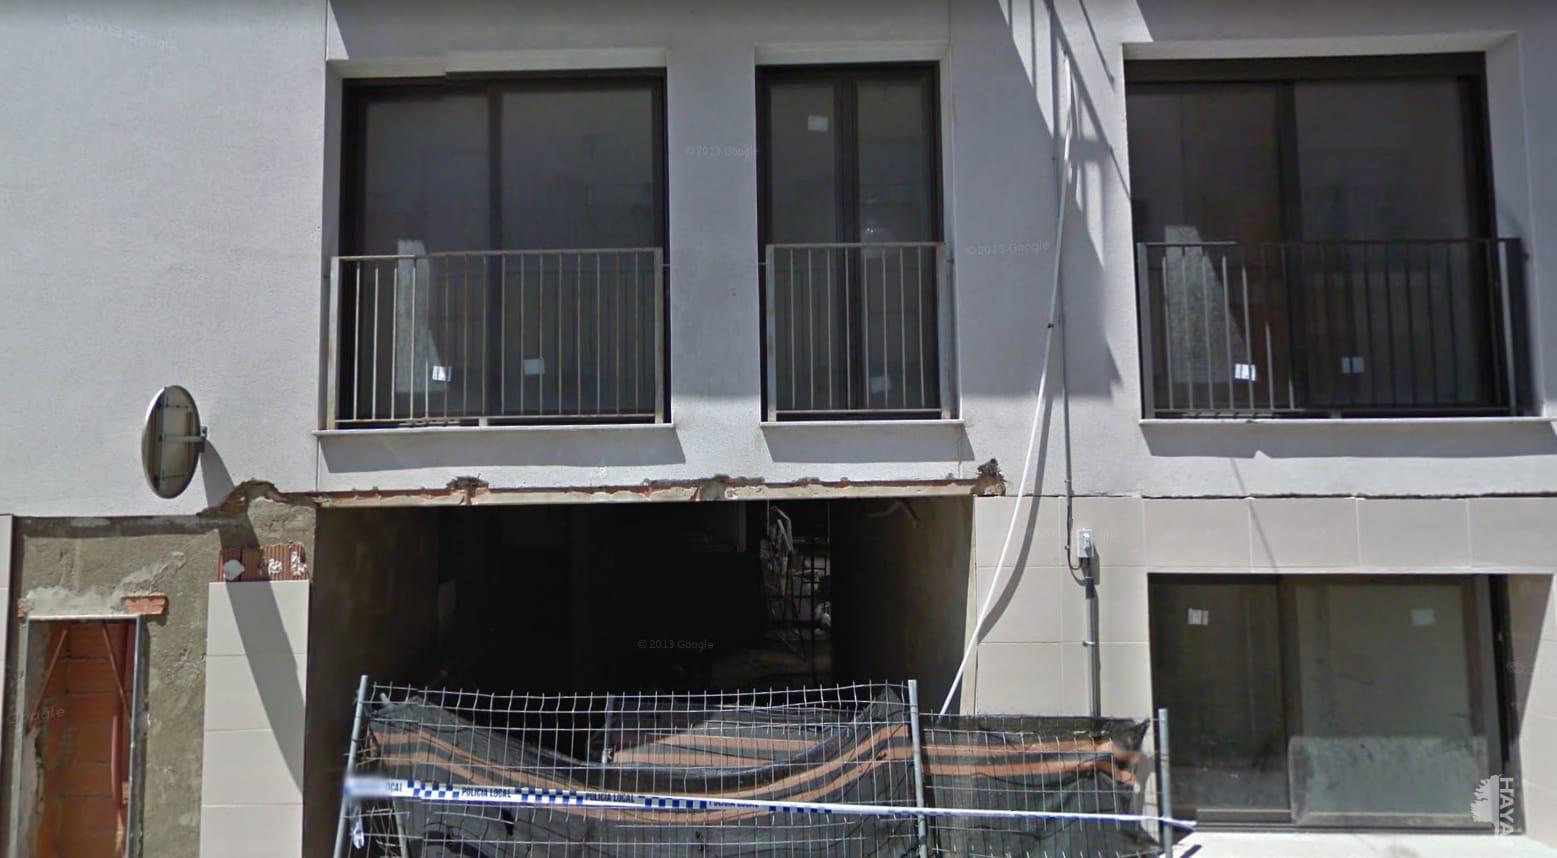 Piso en venta en Palafolls, Barcelona, Calle Mar, 63.100 €, 2 habitaciones, 1 baño, 51 m2